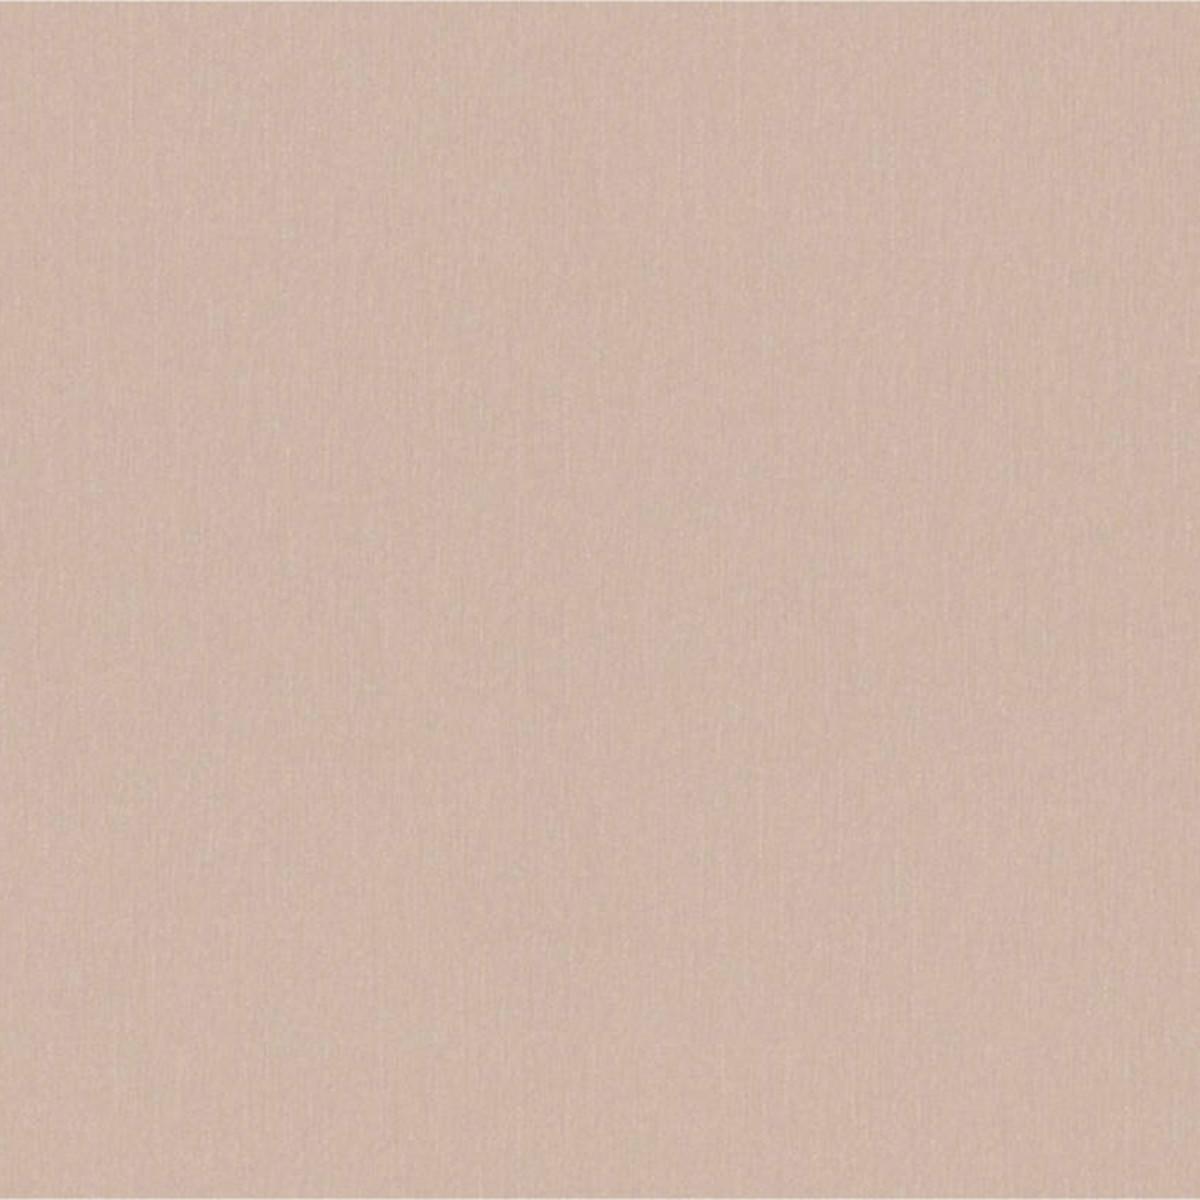 Обои флизелиновые A.S. Creation Versace III серые 0.53 м 34327-6